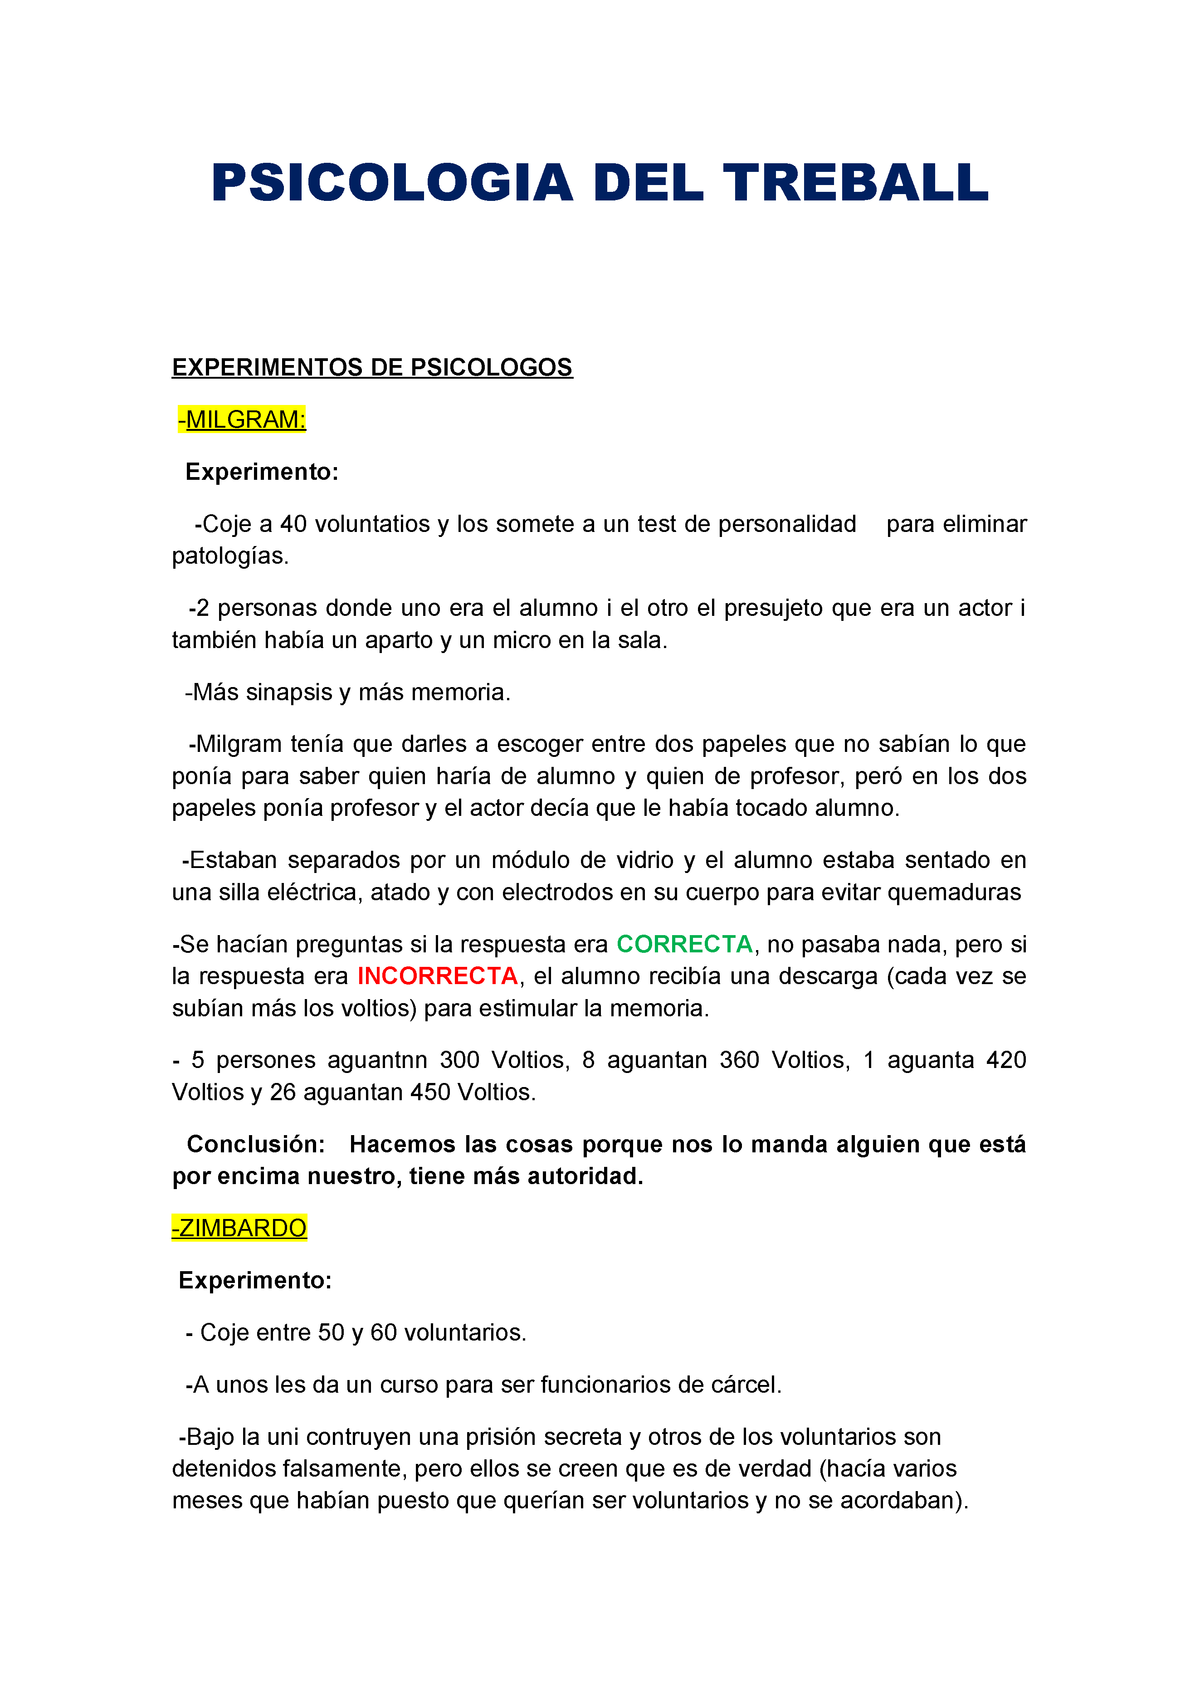 Psicologia Psicología Del Sicología Trabajo Studocu Treball WerBdxCo